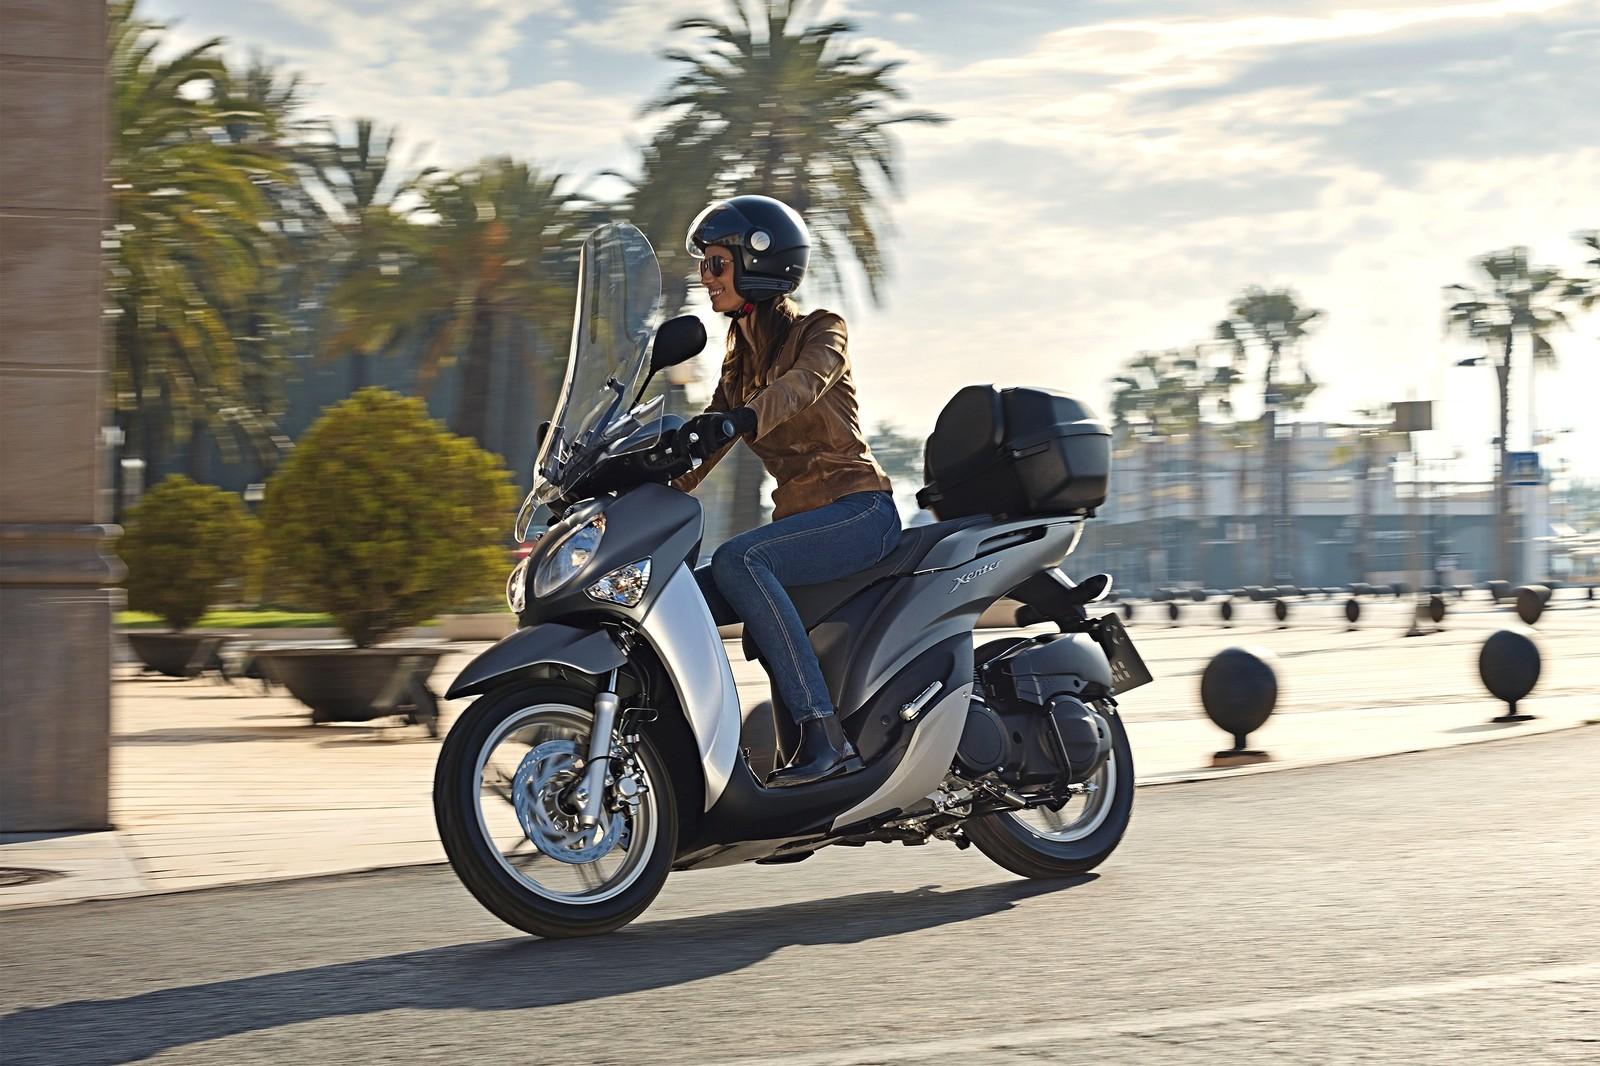 ГИБДД хочет пересадить молодёжь с мотоциклов на машины с надсмотрщиками